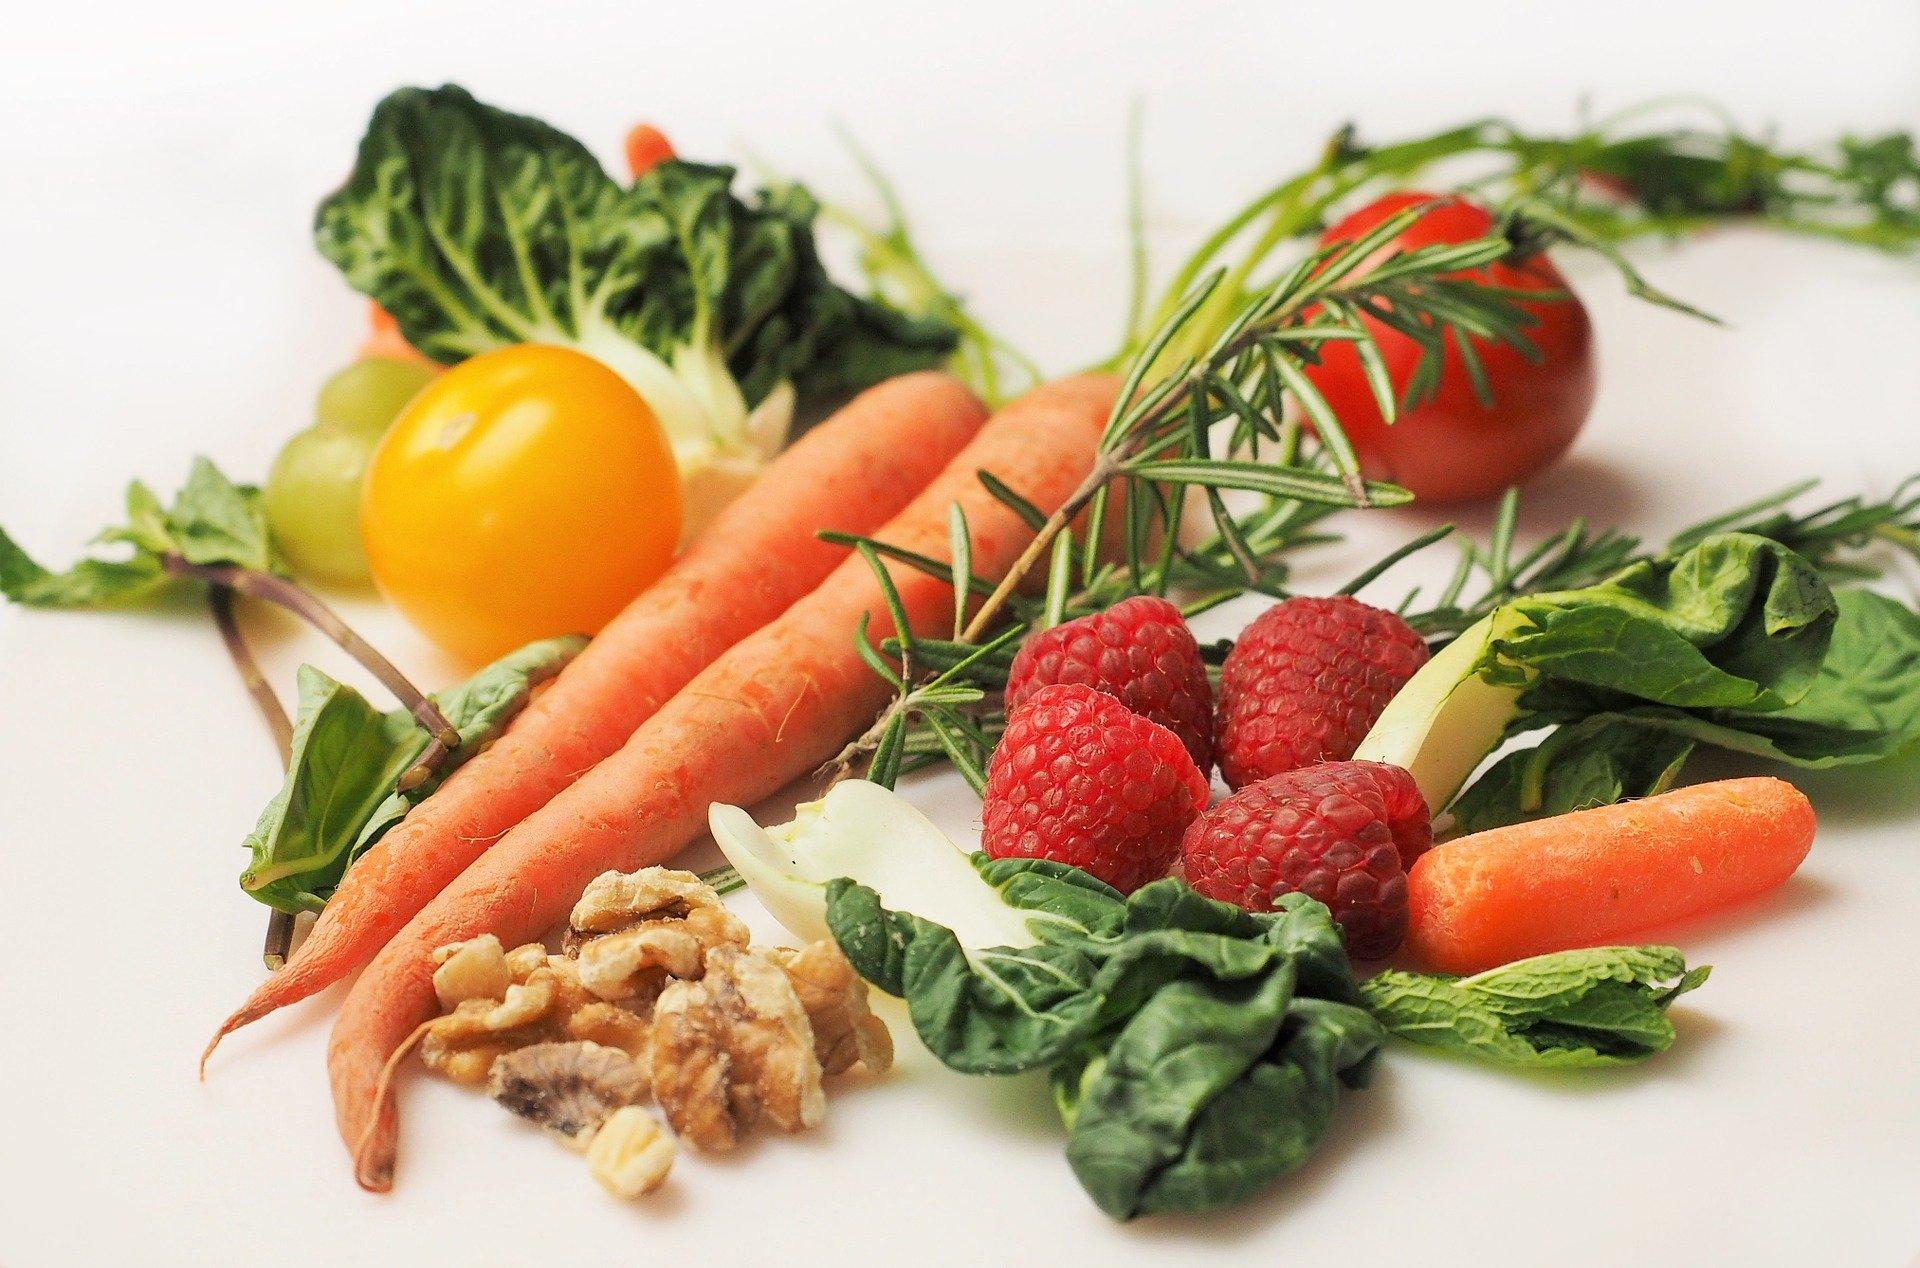 Die Ernährung der Welt wird 2050 eine Herausforderung